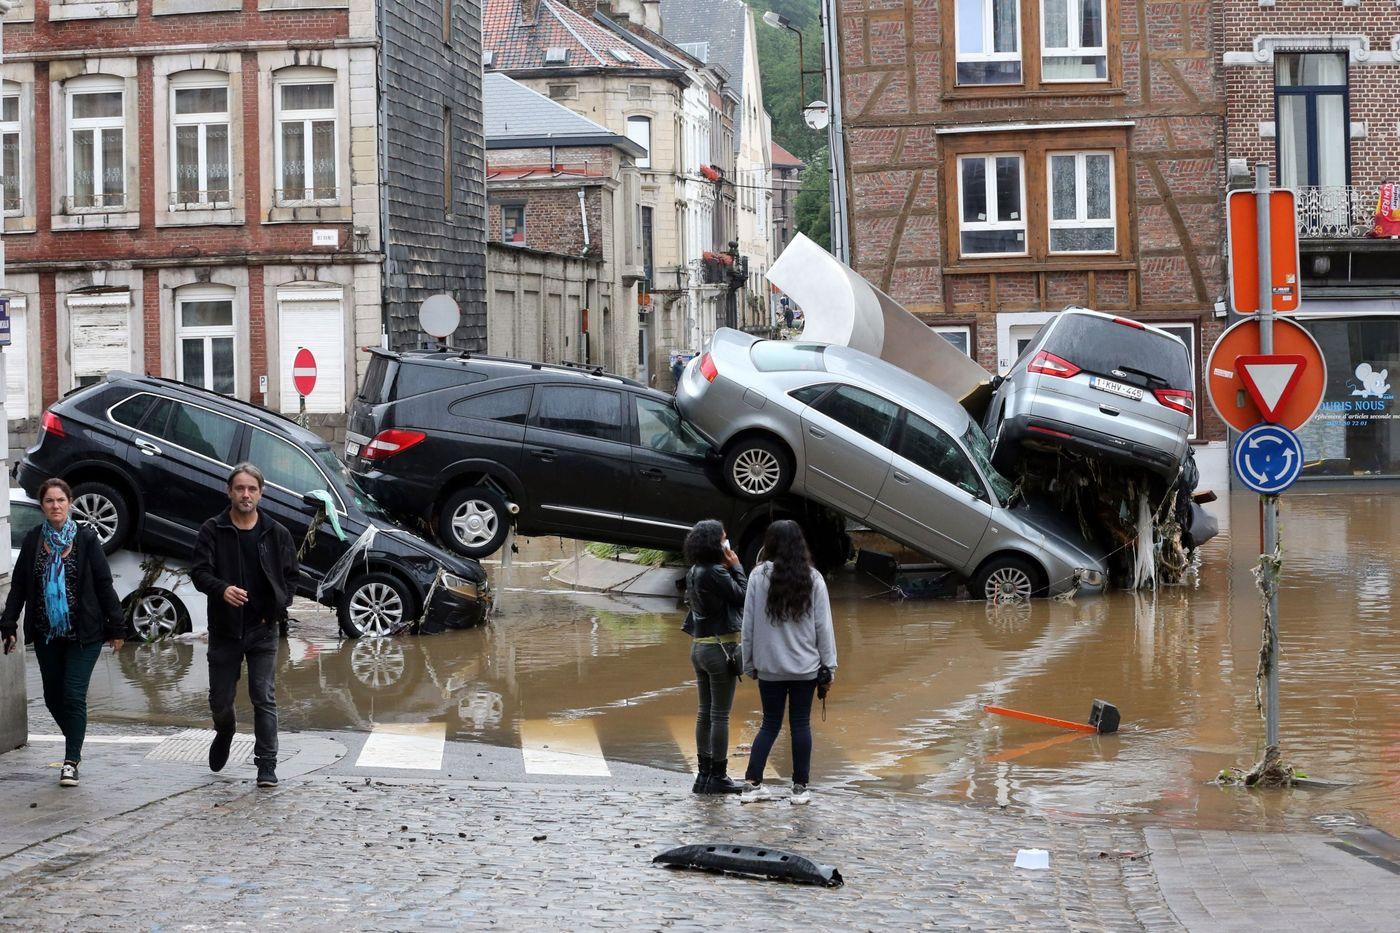 Γερμανία: Συγκλονίζουν οι εικόνες μετά την καταστροφή από την κακοκαιρία - Δείτε εικόνες